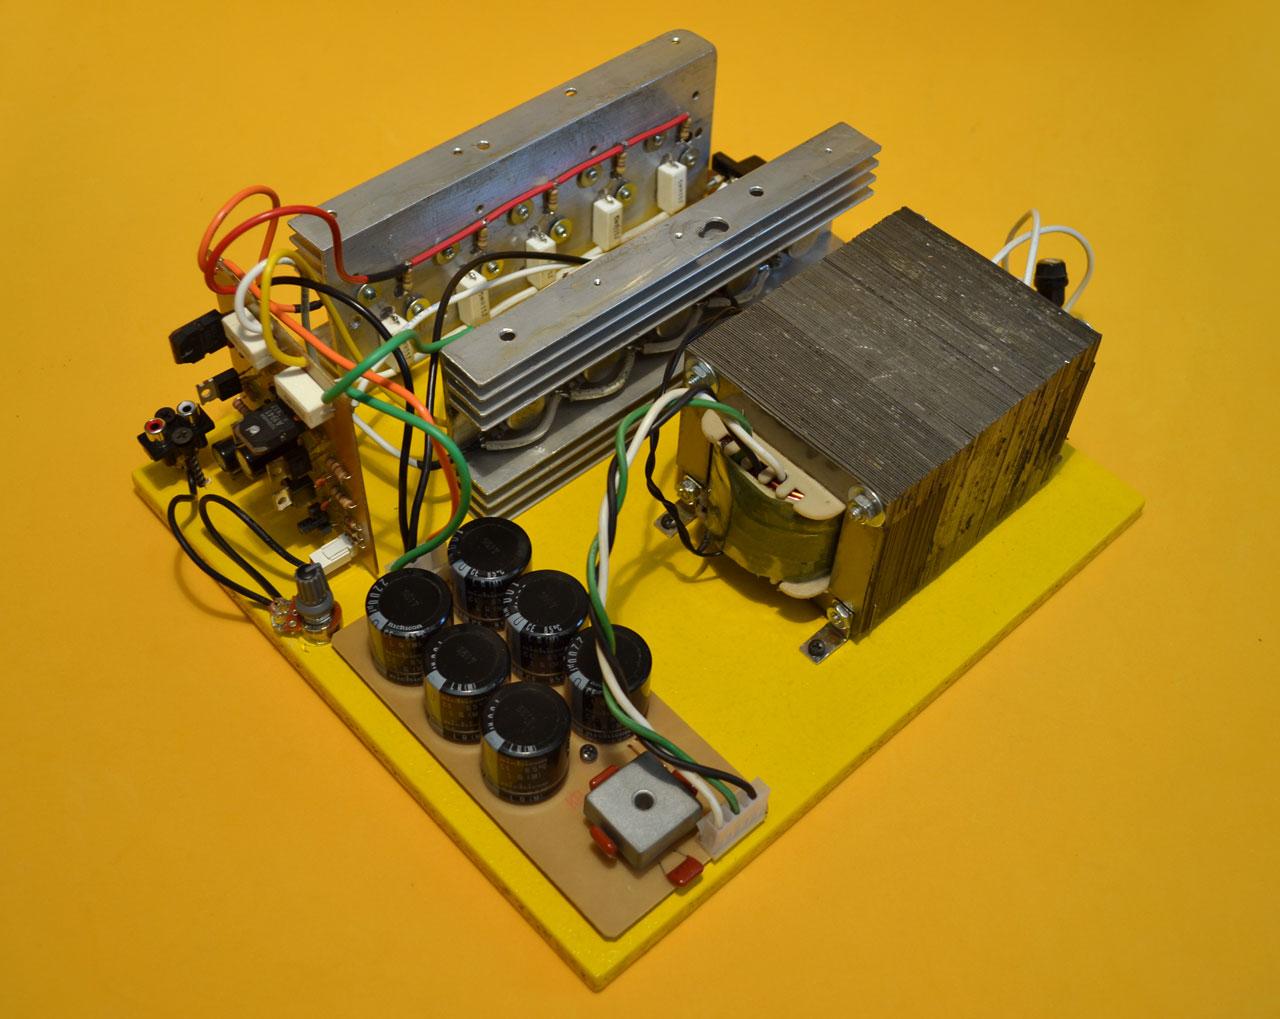 Circuito Impreso De Amplificador De 3000w : Construya su videorockola gt amplificadores de potencia